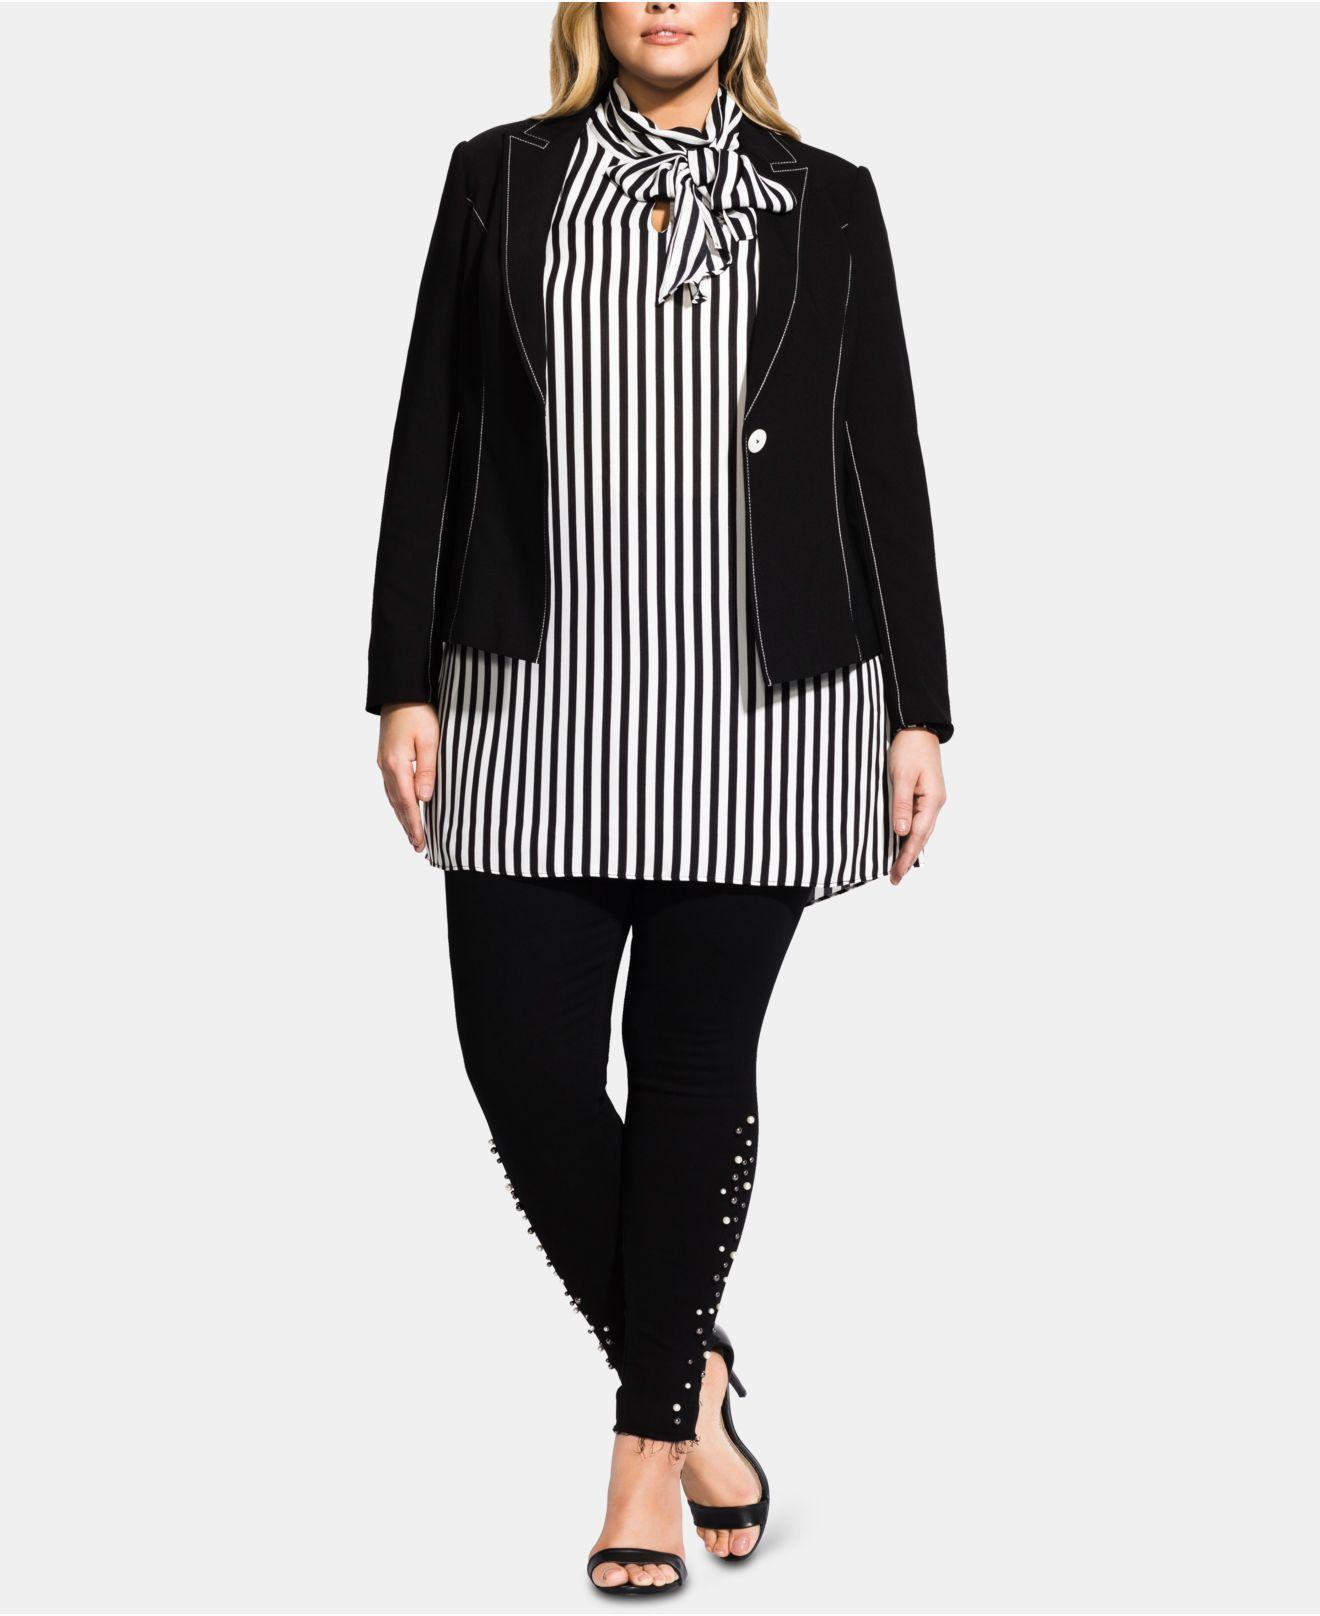 f91f88fb695f4 Lyst - City Chic Plus Size Stitch-detail Jacket in Black